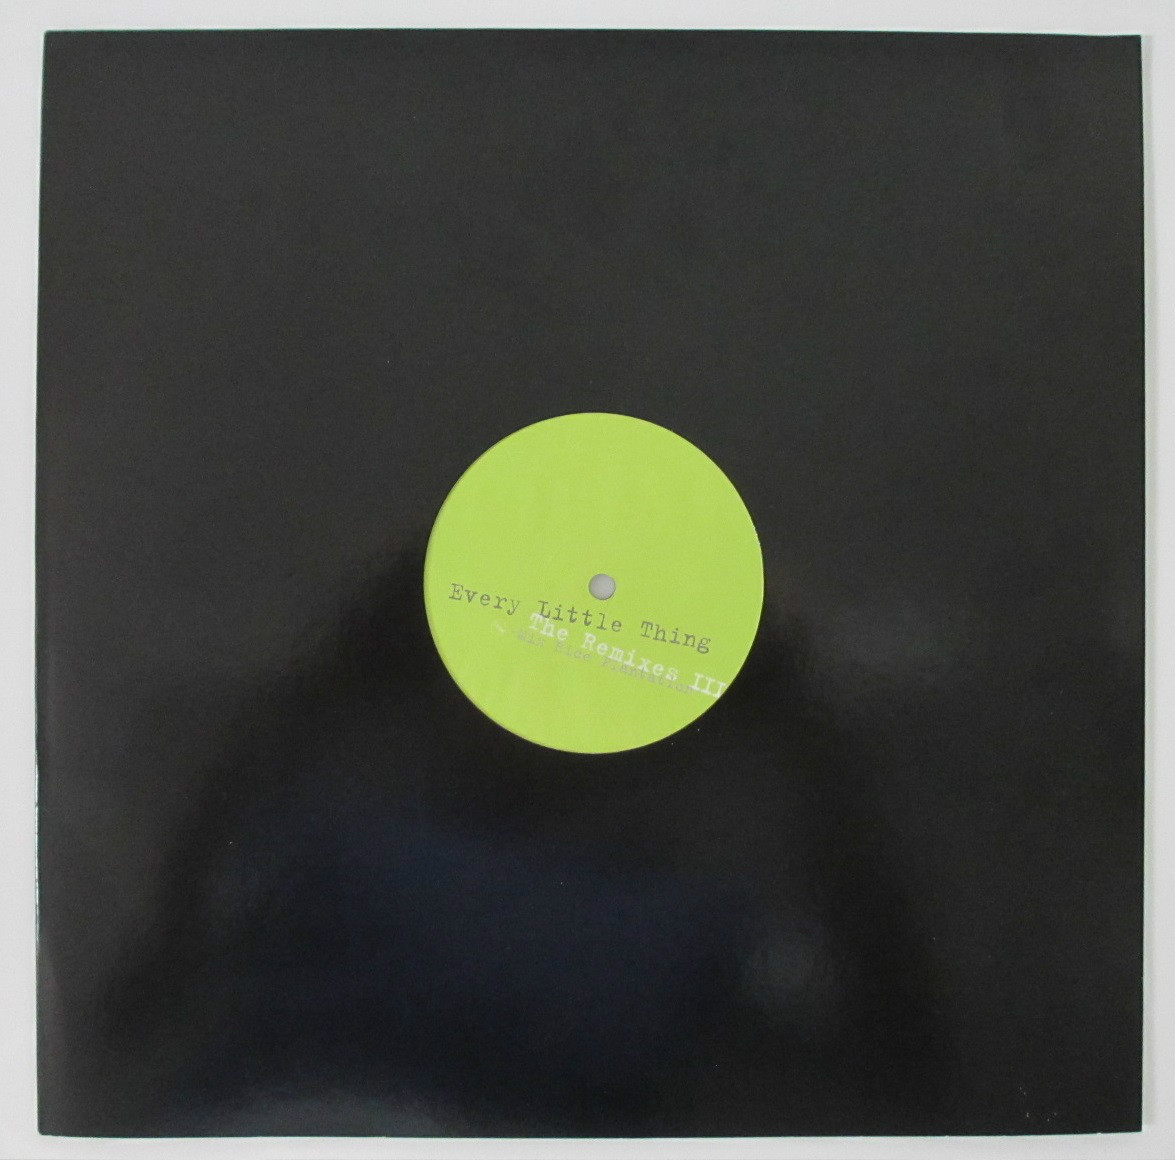 【中古】【アナログ盤(LPレコード)】The Remixes III ~Mix Rice Plantation~ Every Little Thing